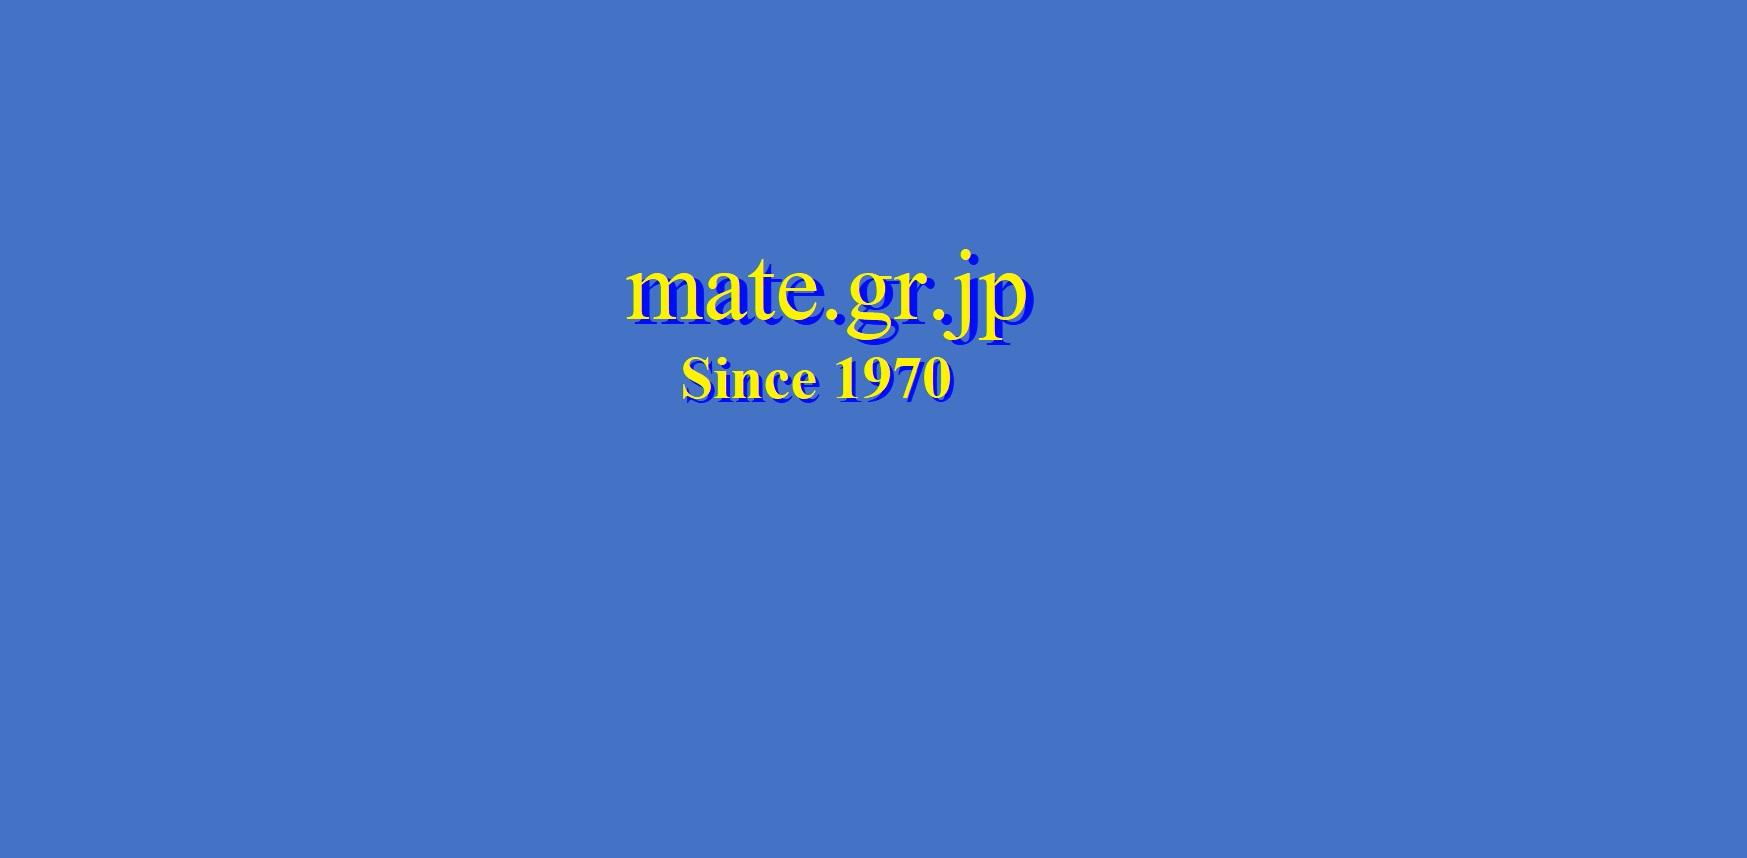 2019 MATE.GR.JP